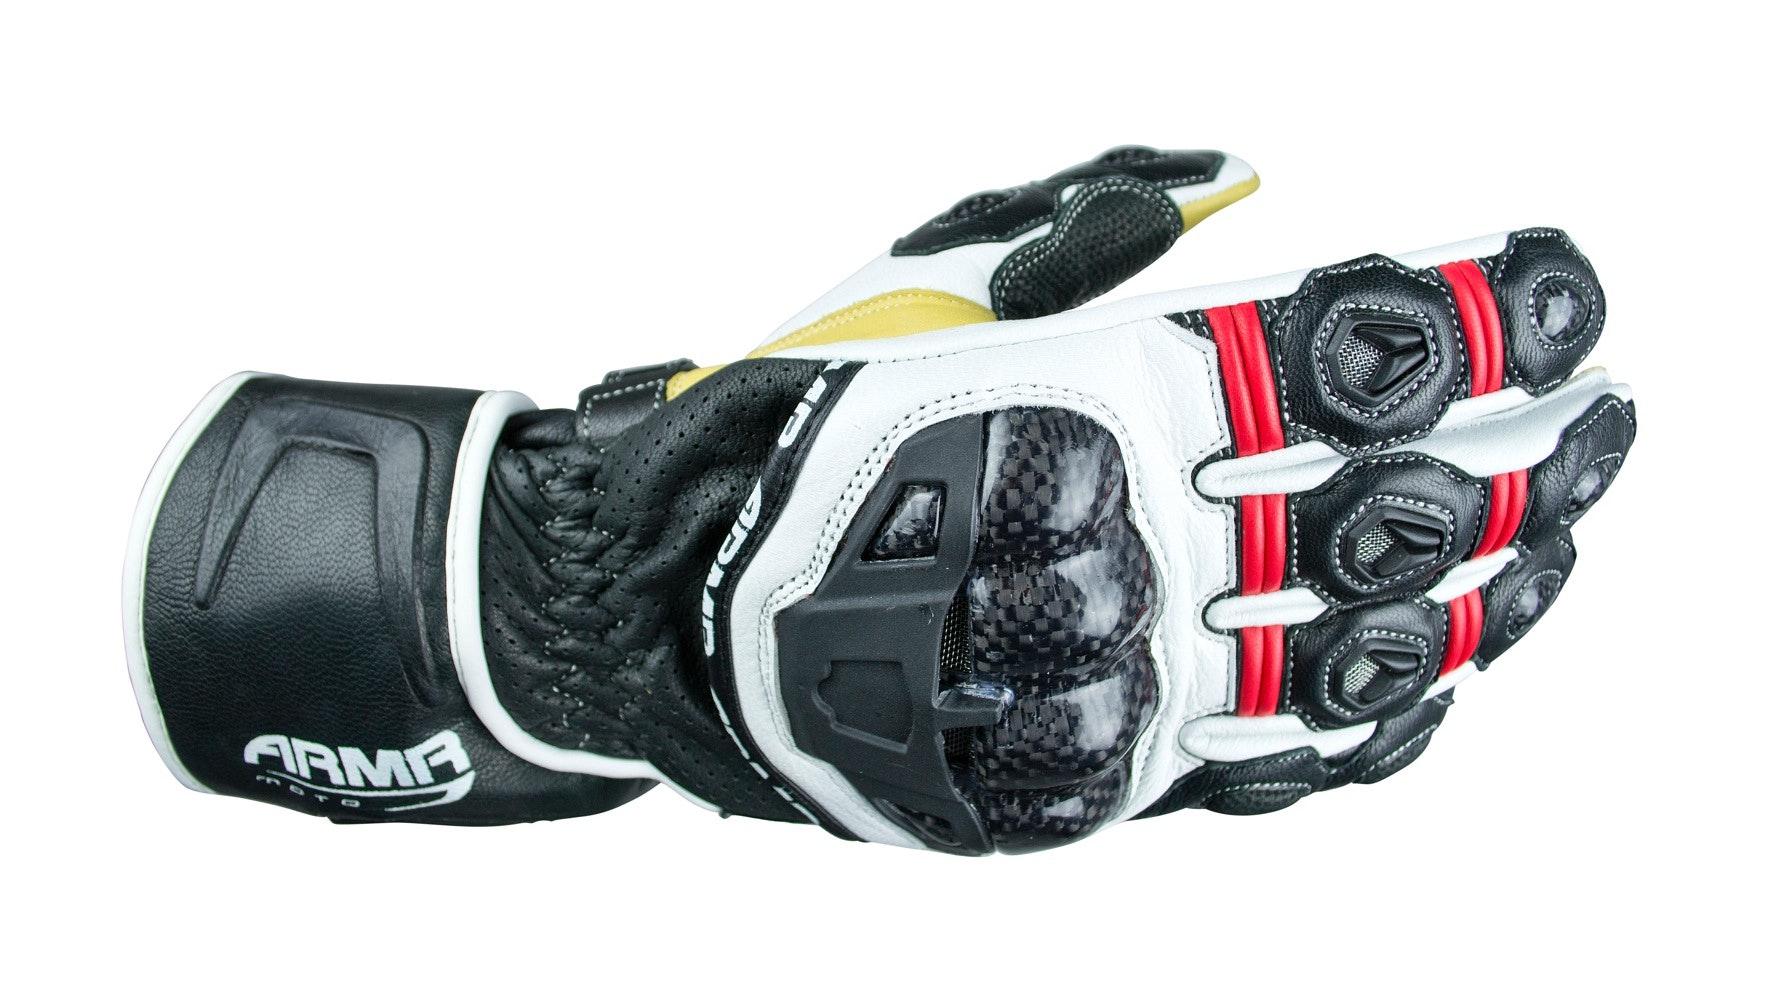 Armr gloves